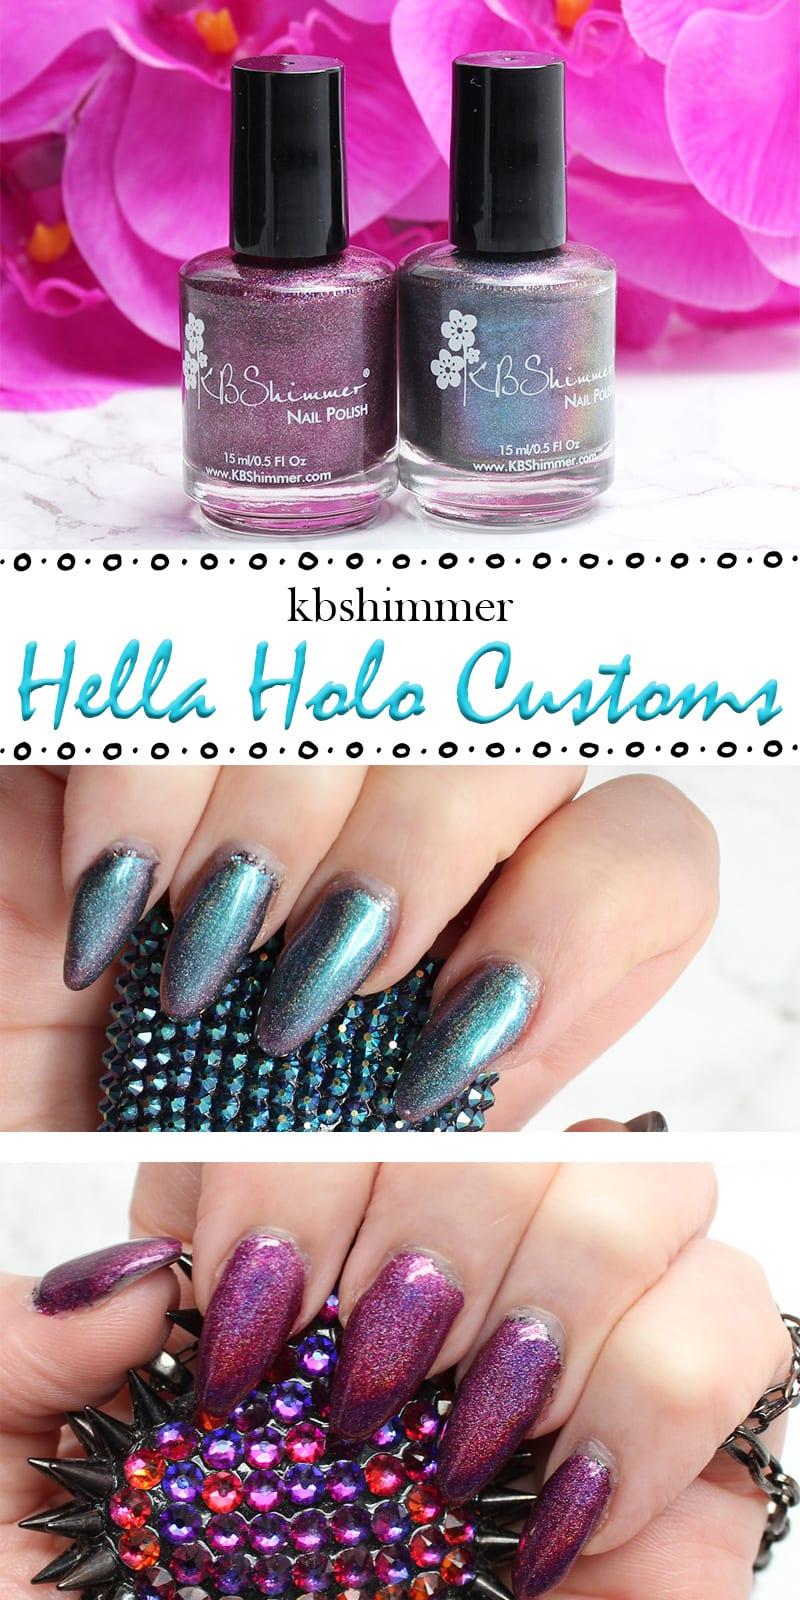 KBShimmer Hella Holo Customs Nail Polish